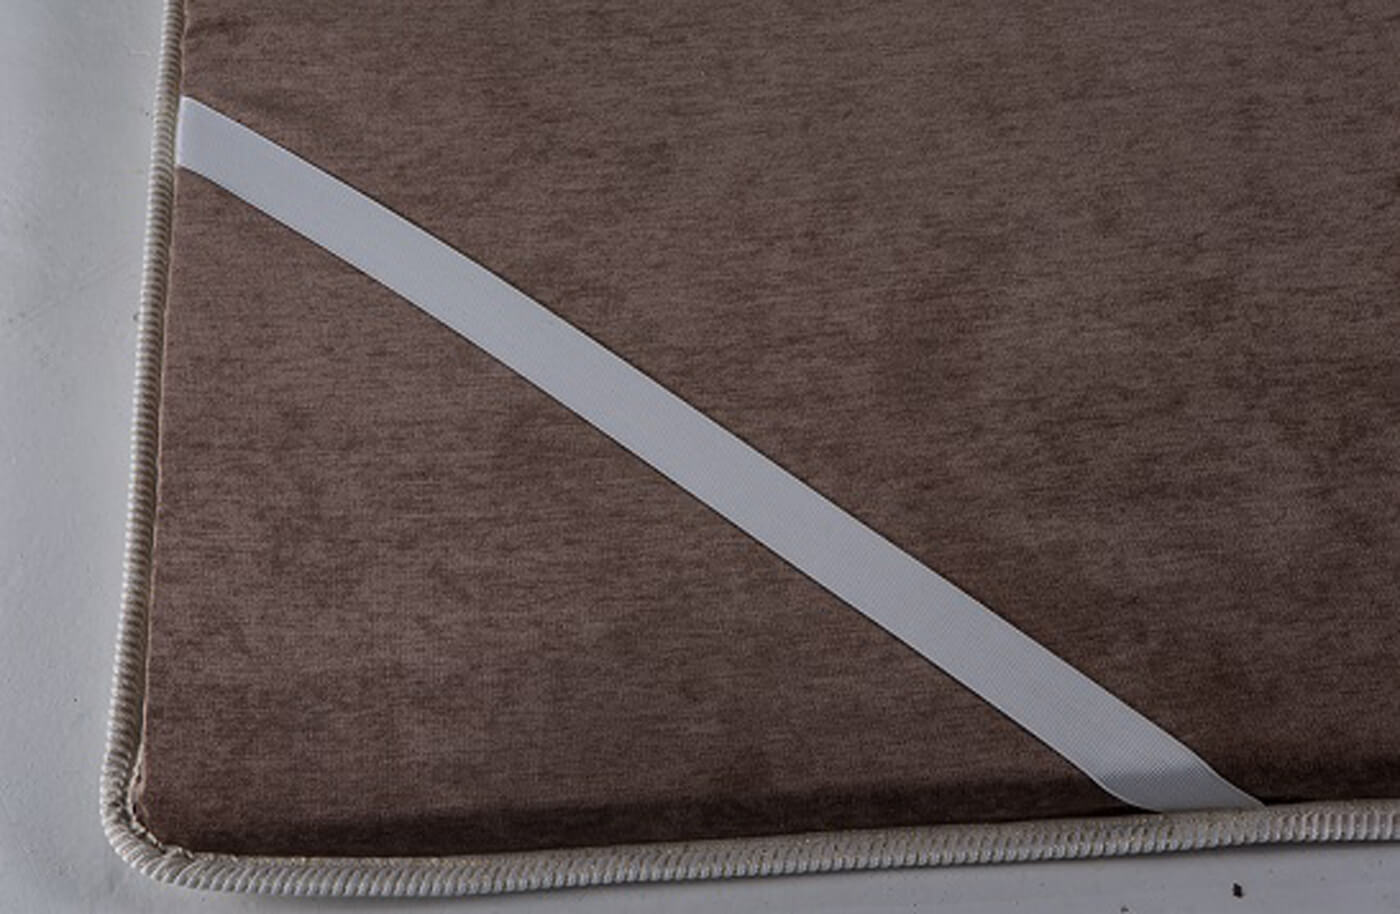 Manta Magnética Colchonete Kenko Premium Queen Size C/ Massagem Eletrônica 1,58x1,98x10cm  - Kenko Premium Colchões